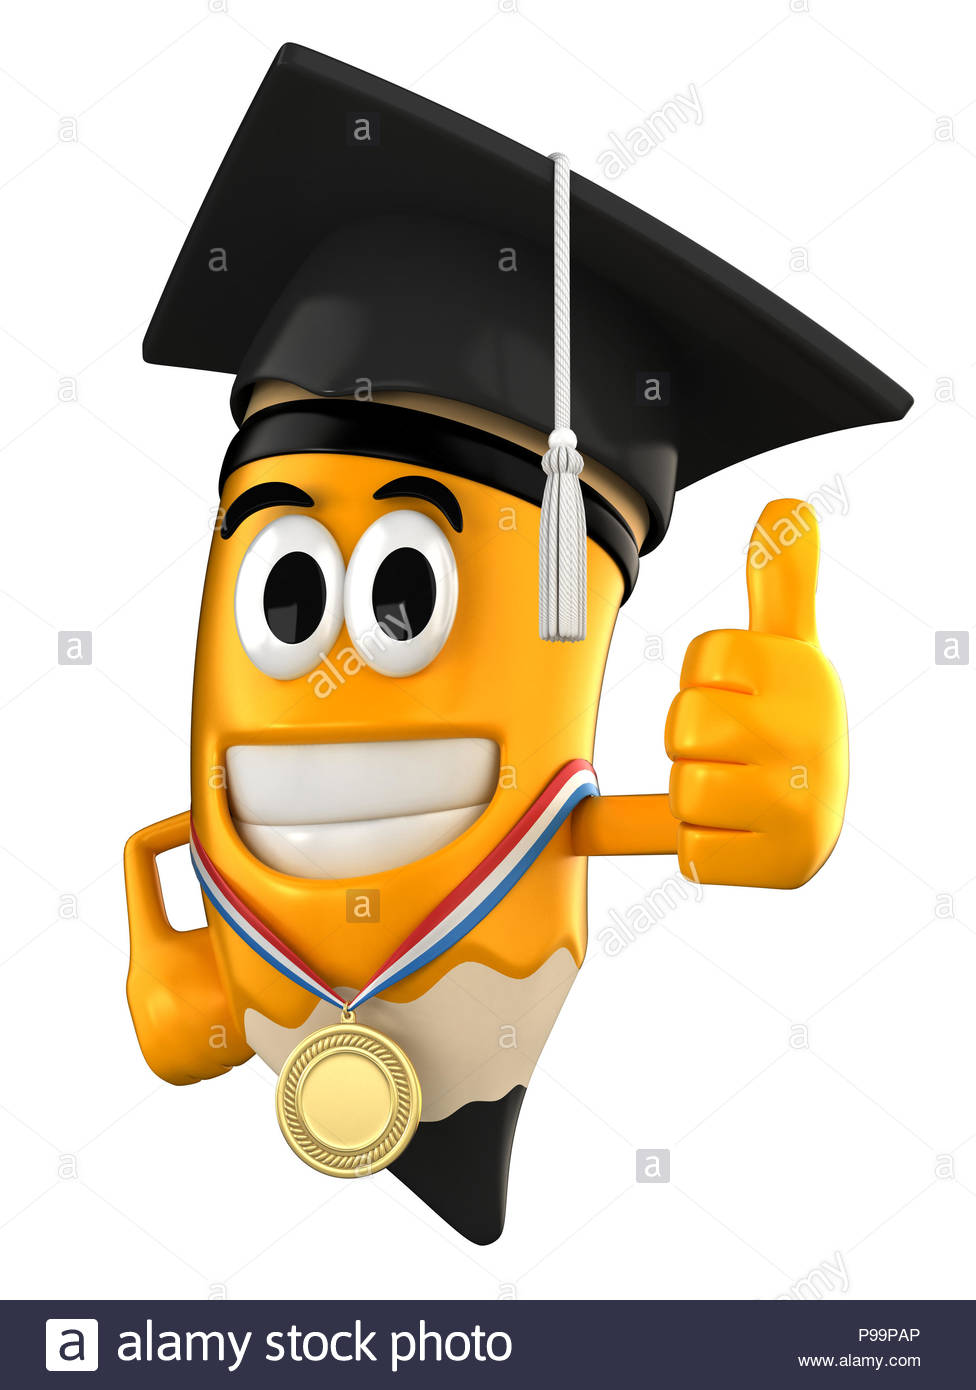 Honor Graduate Stockfotos & Honor Graduate Bilder - Seite 2 - Alamy